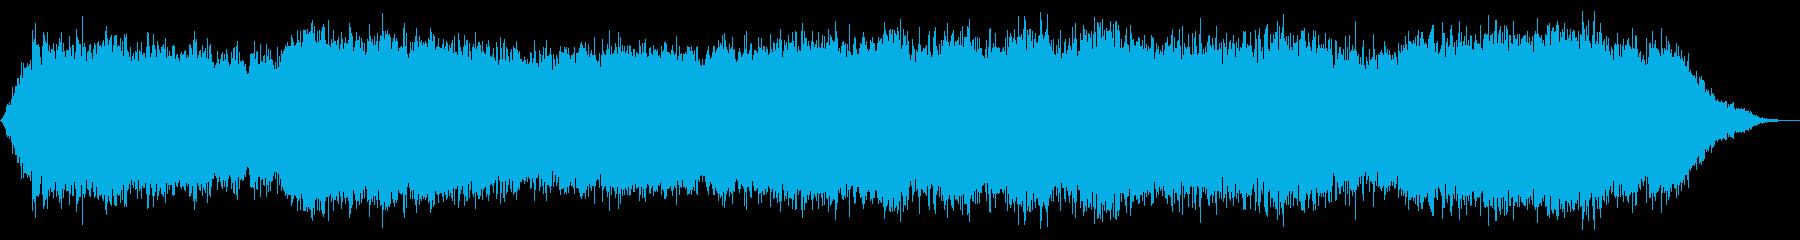 アンビエント 未来の技術 エーテル...の再生済みの波形